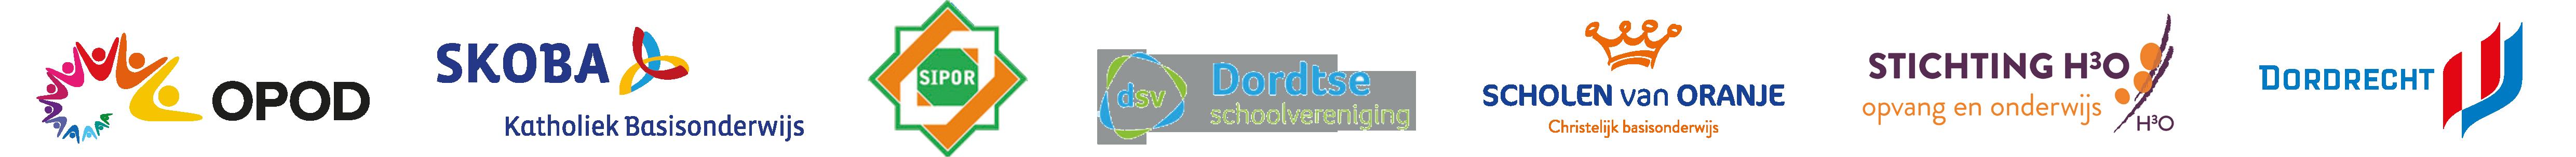 laatste versie logozomerschool logo balk.png